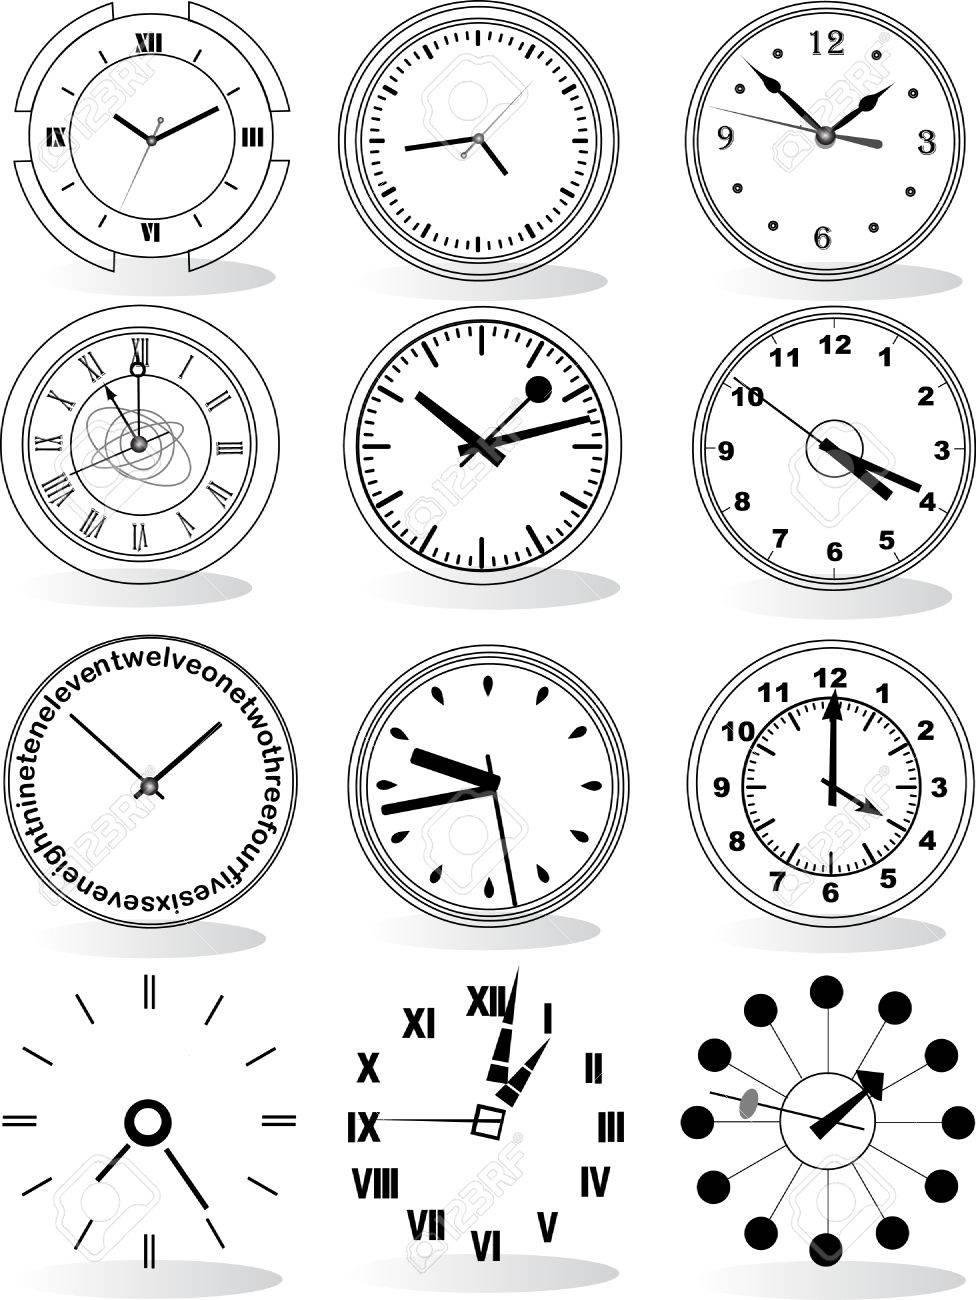 Ilustración De Distintos Relojes Relojes Los De De Los Distintos Ilustración Ilustración Fl1cJTK